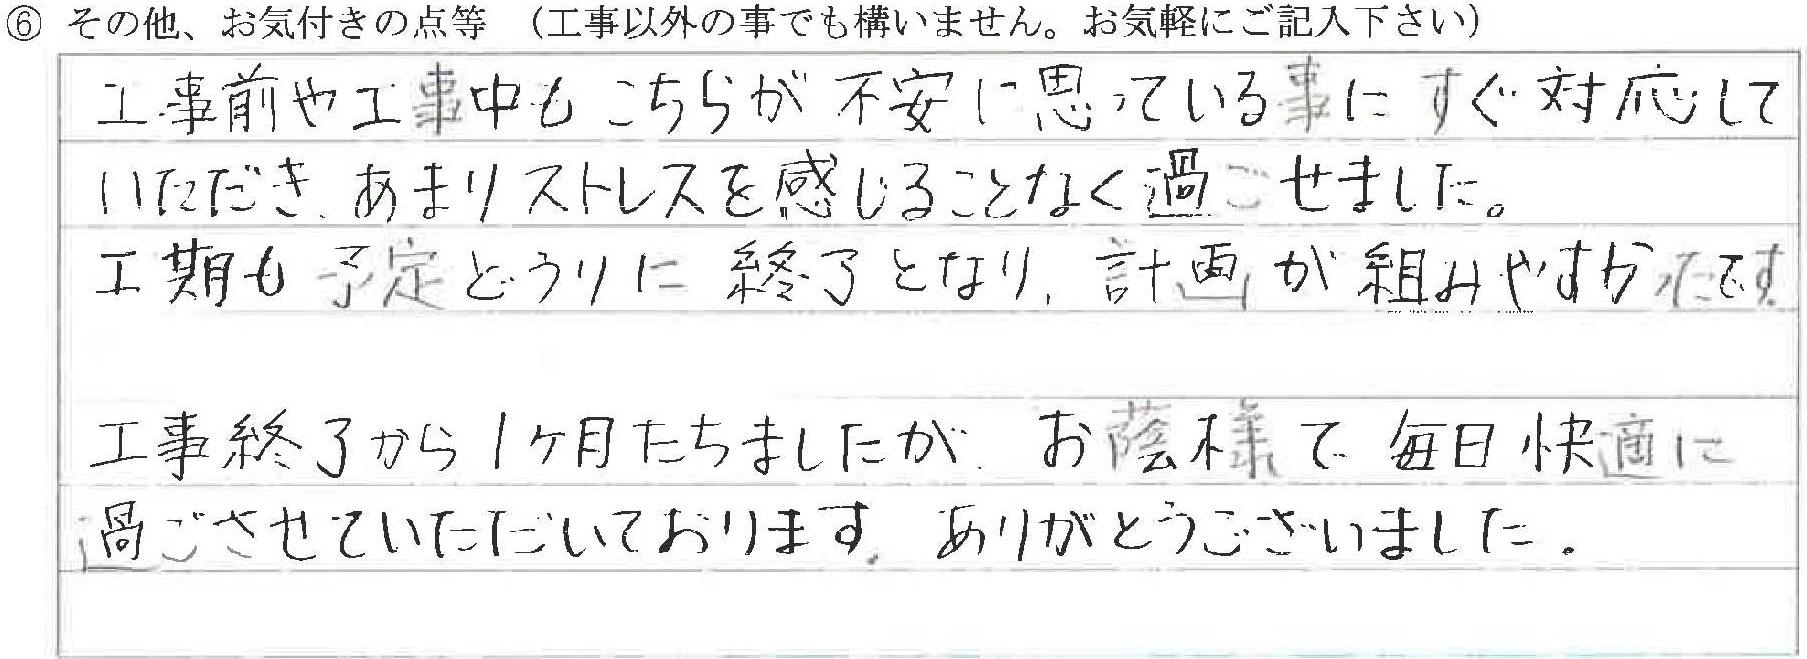 富山県富山市S様に頂いたキッチン・浴室・脱衣室・トイレ・ホール改装工事 についてのお気づきの点がありましたら、お聞かせ下さい。というご質問について「改装工事【お喜びの声】」というお声についての画像